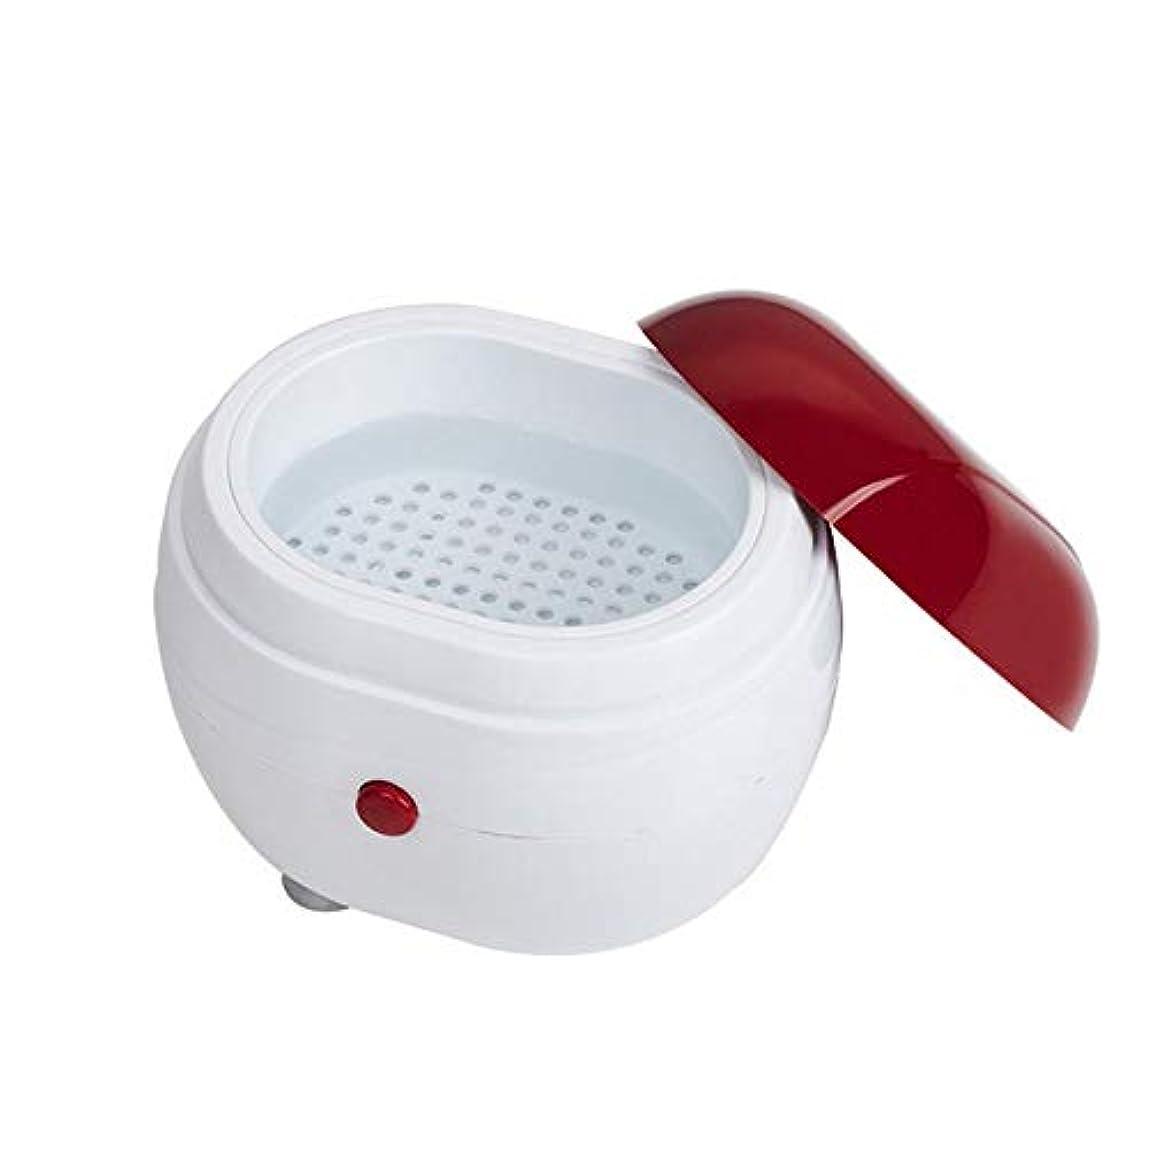 安西成功した不快なポータブル超音波洗濯機家庭用ジュエリーレンズ時計入れ歯クリーニング機洗濯機クリーナークリーニングボックス - 赤&白